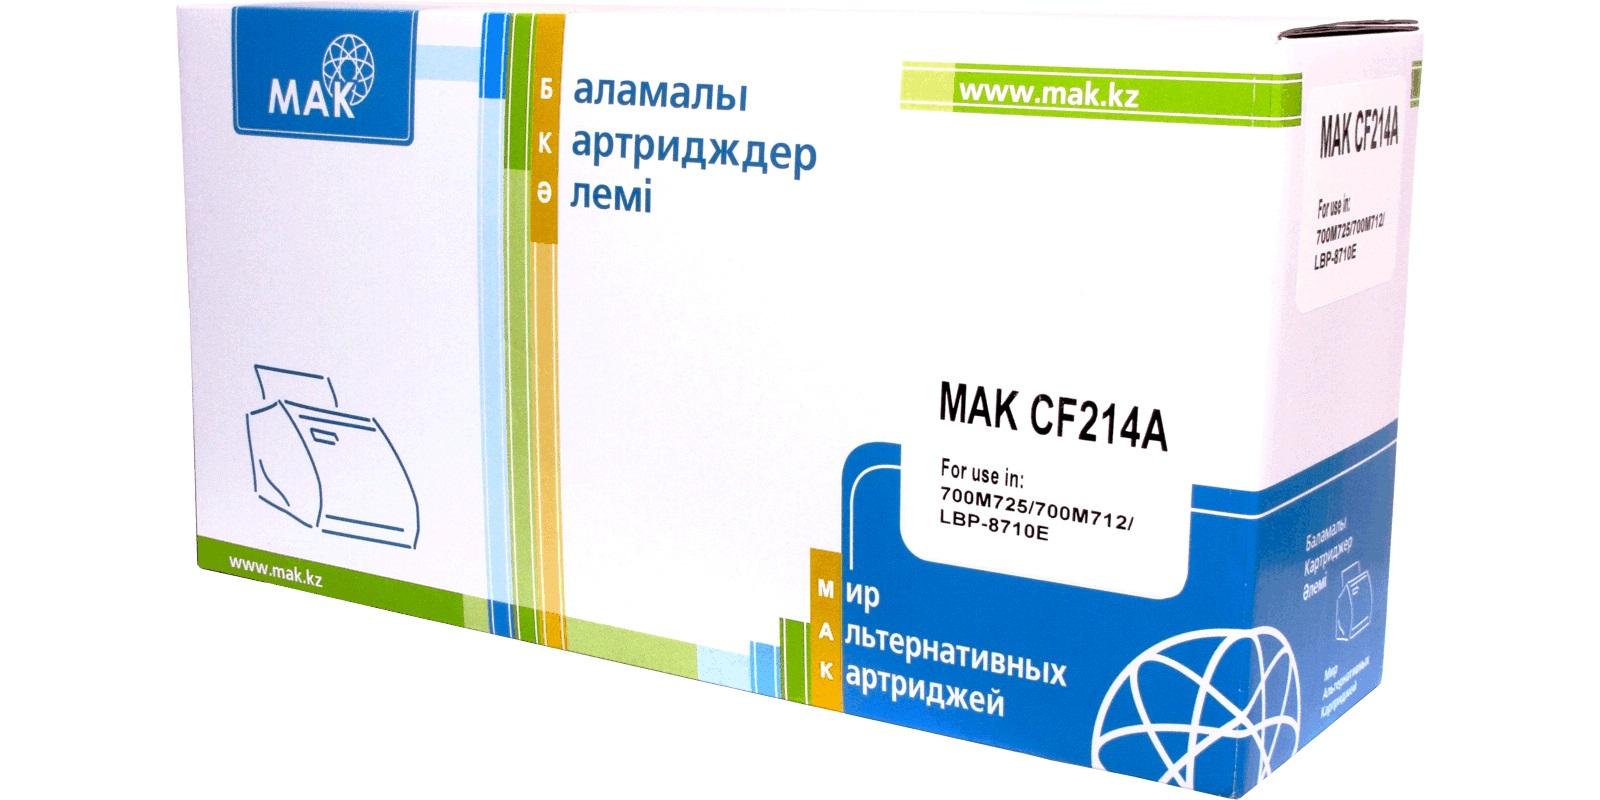 Картридж для лазерного принтера MAK аналог HP 14A (CF214A) черный фото